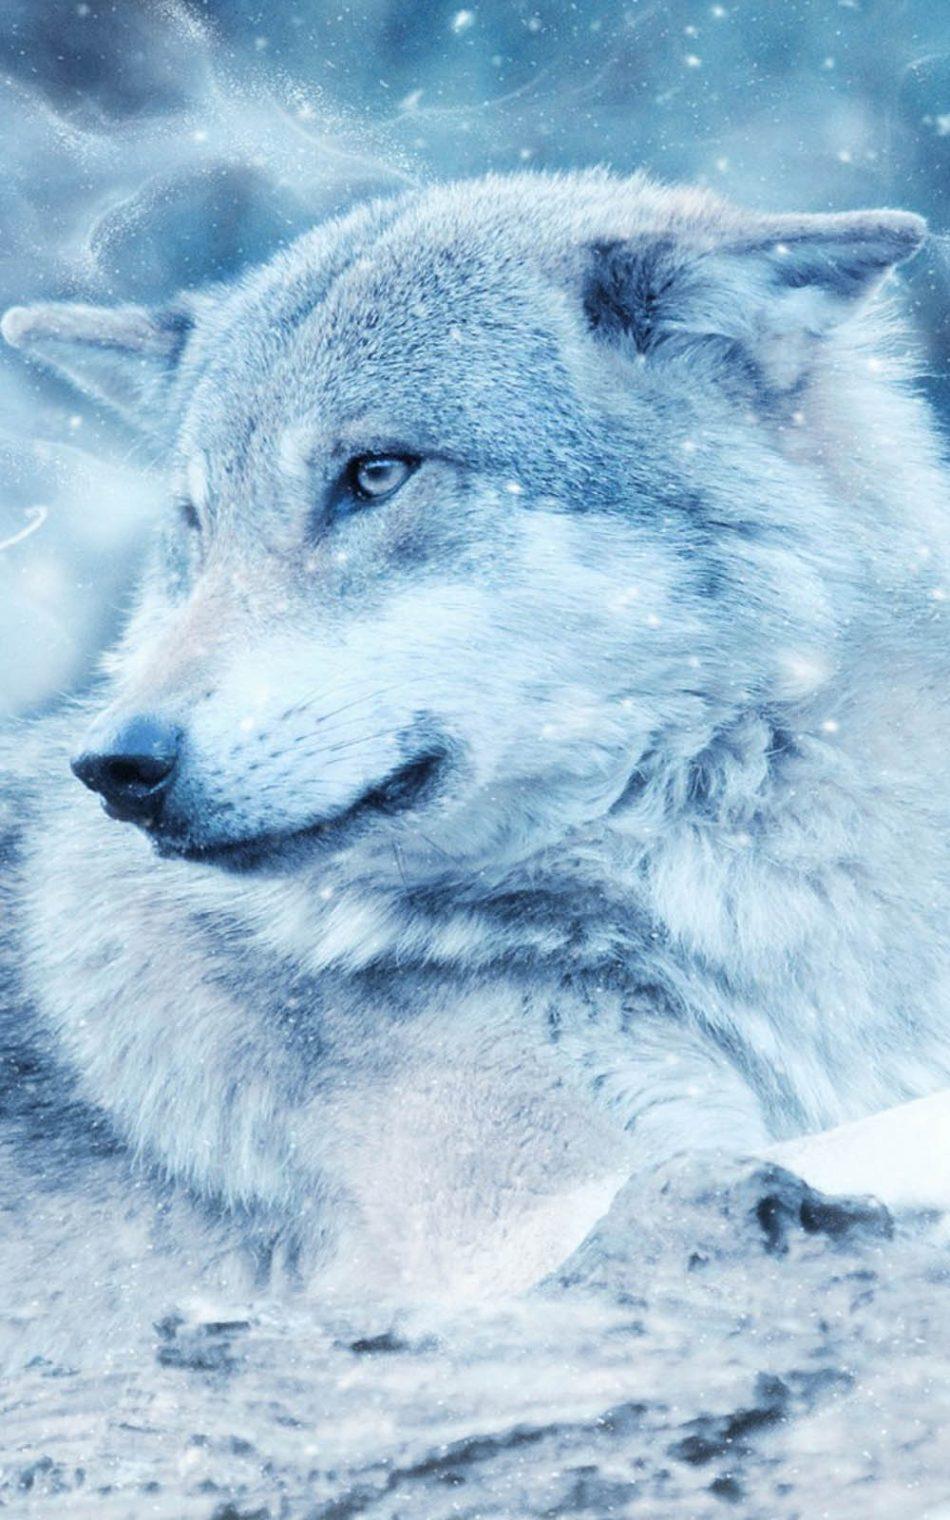 Winter Wolf 4k Ultra Hd Mobile Wallpaper